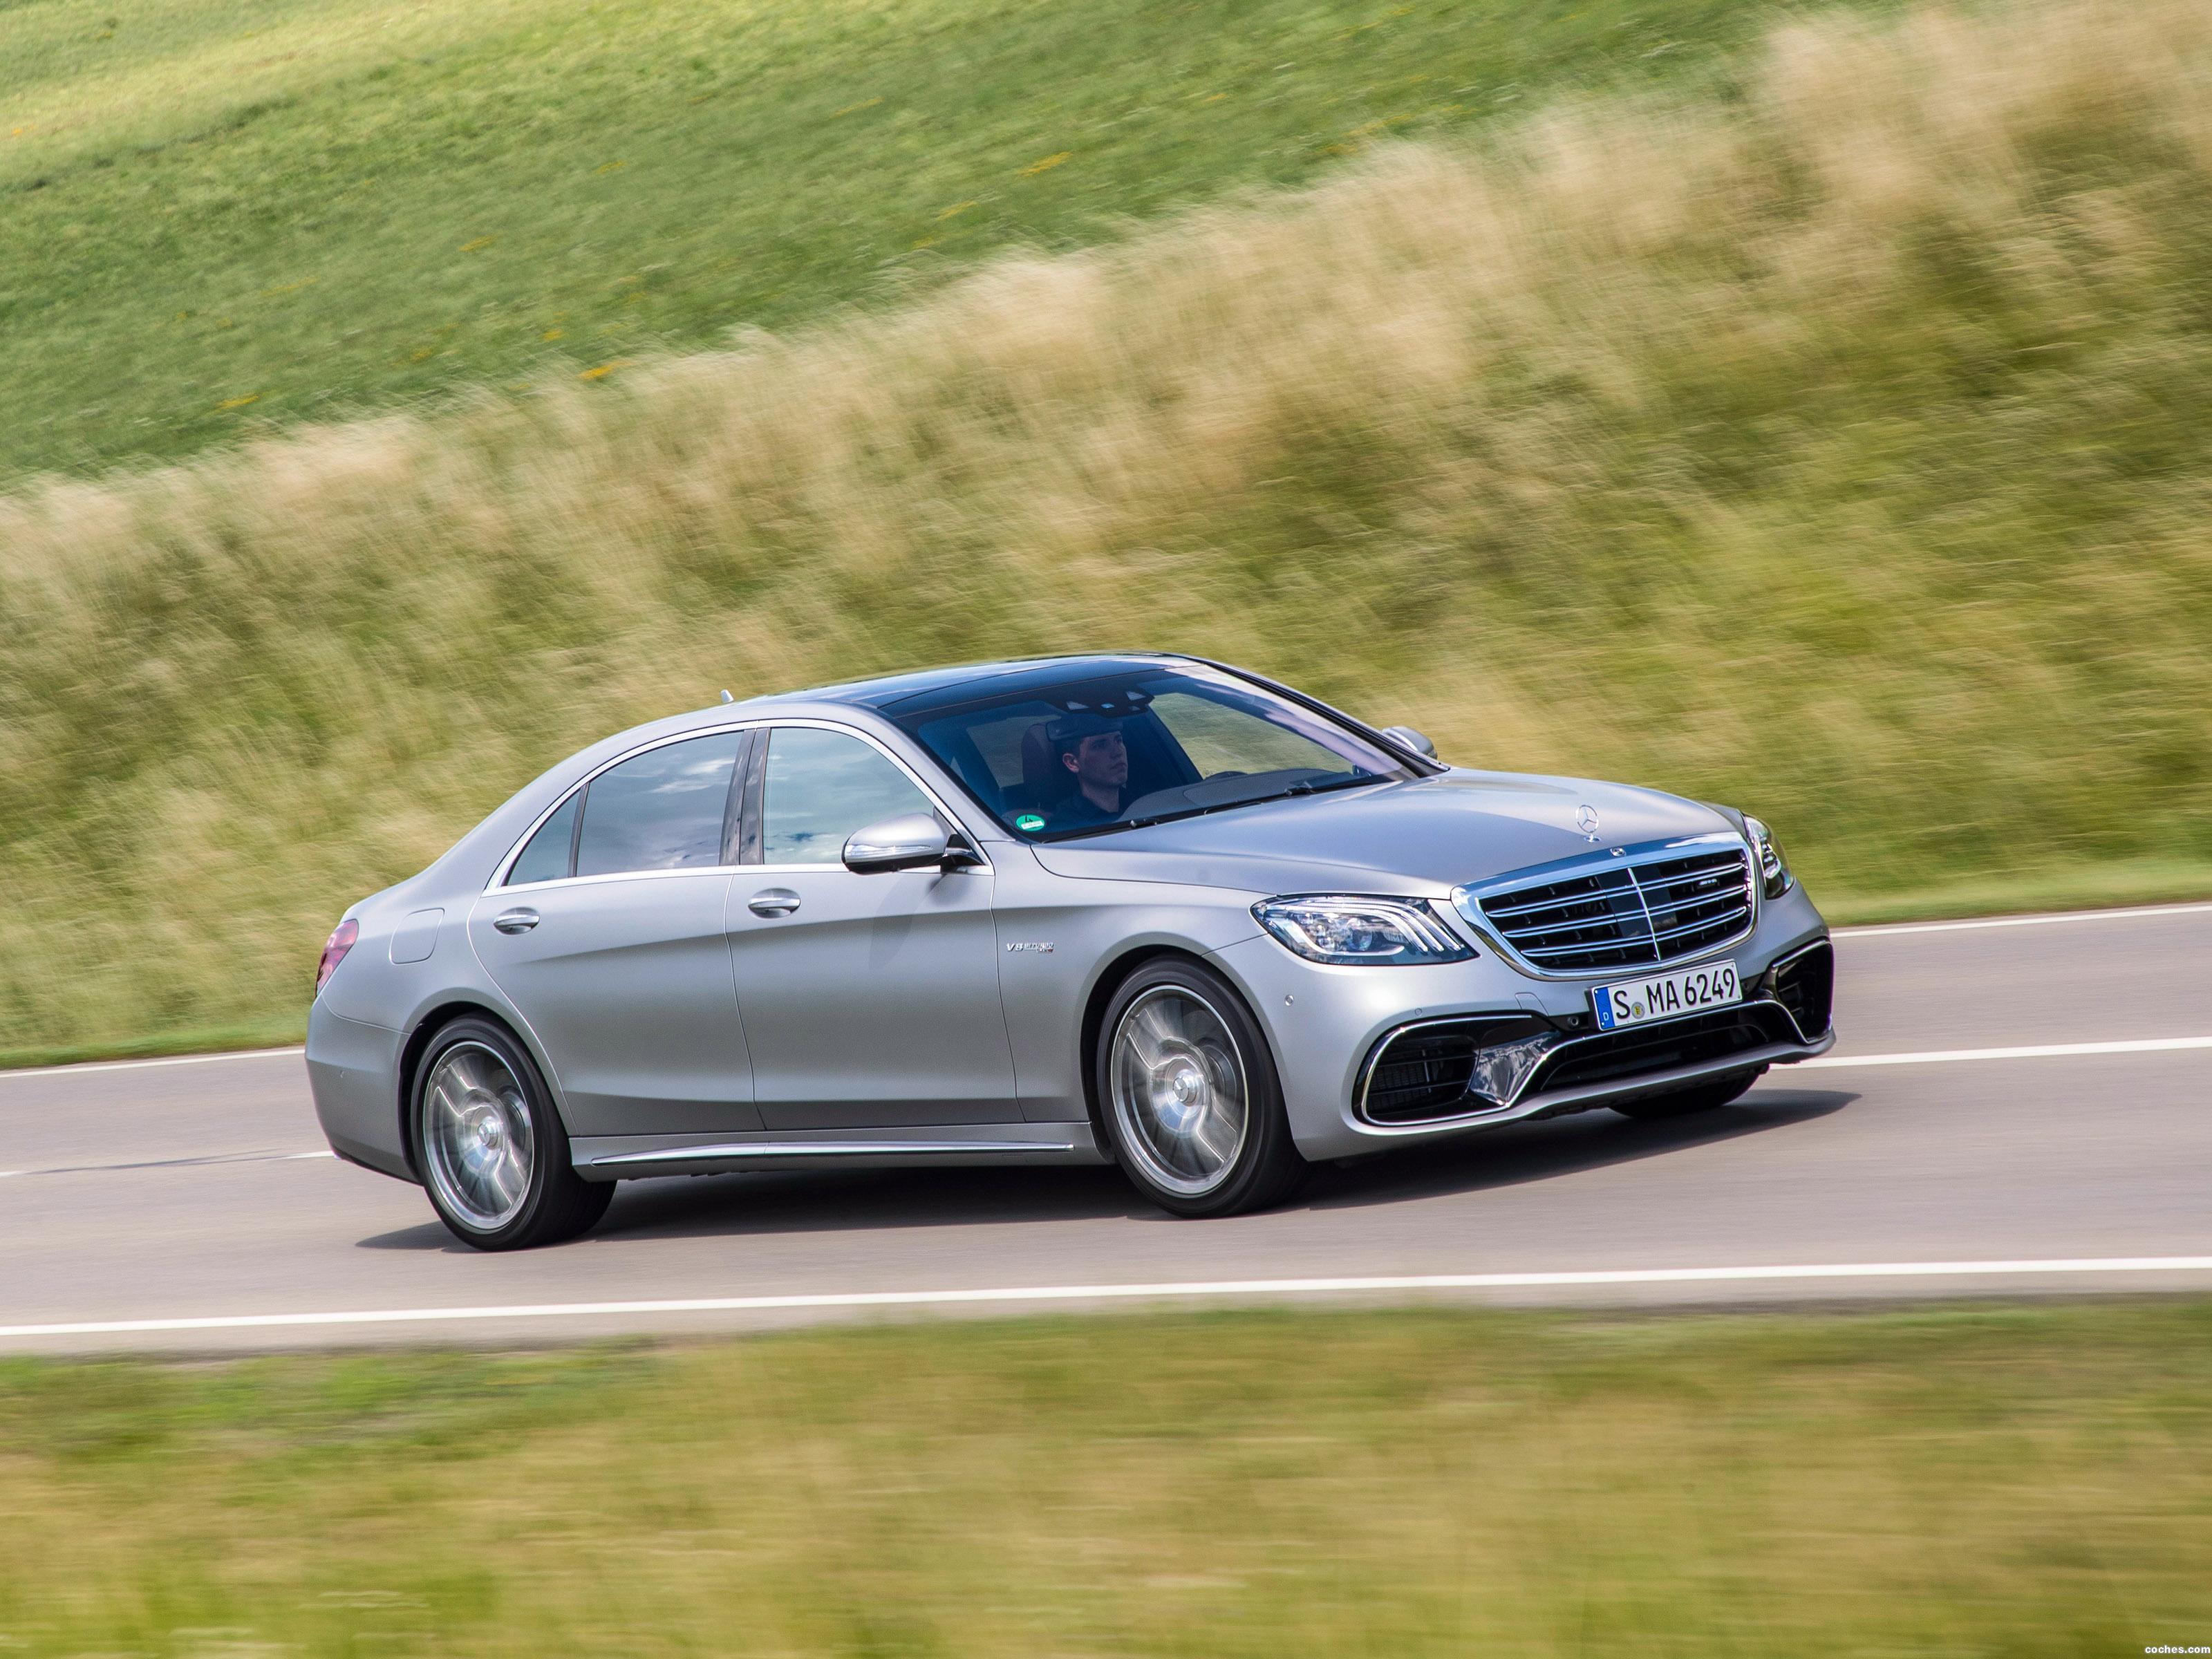 Foto 6 de Mercedes AMG S 63 4MATIC Plus Lang V222 2017